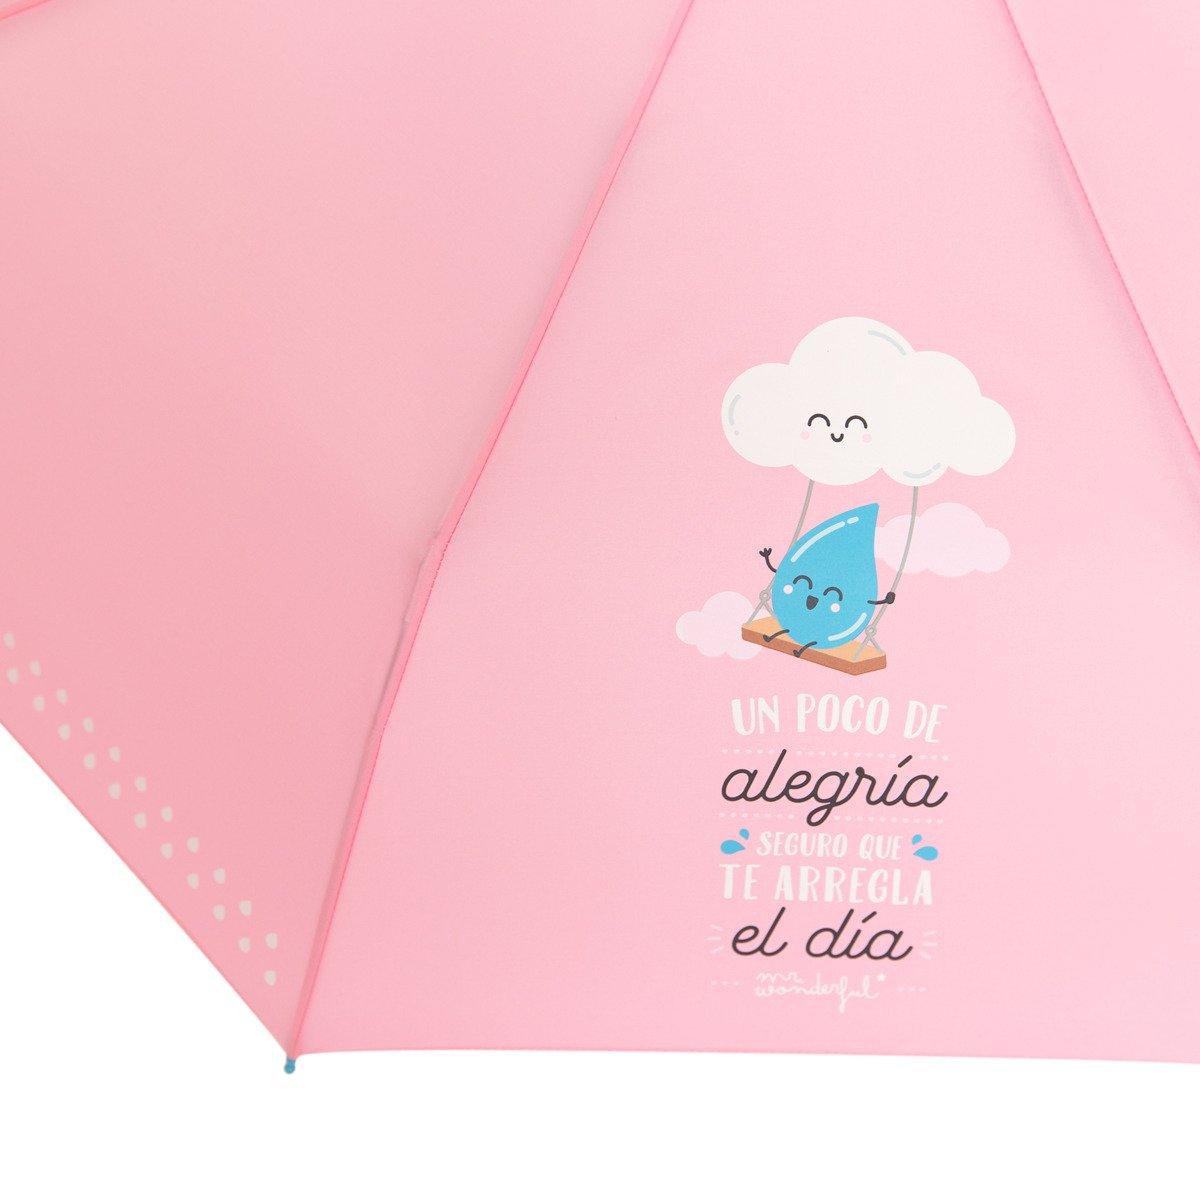 Paraguas mediano Mr. Wonderful: Un poco de alegría seguro que te arregla el día: Amazon.es: Zapatos y complementos